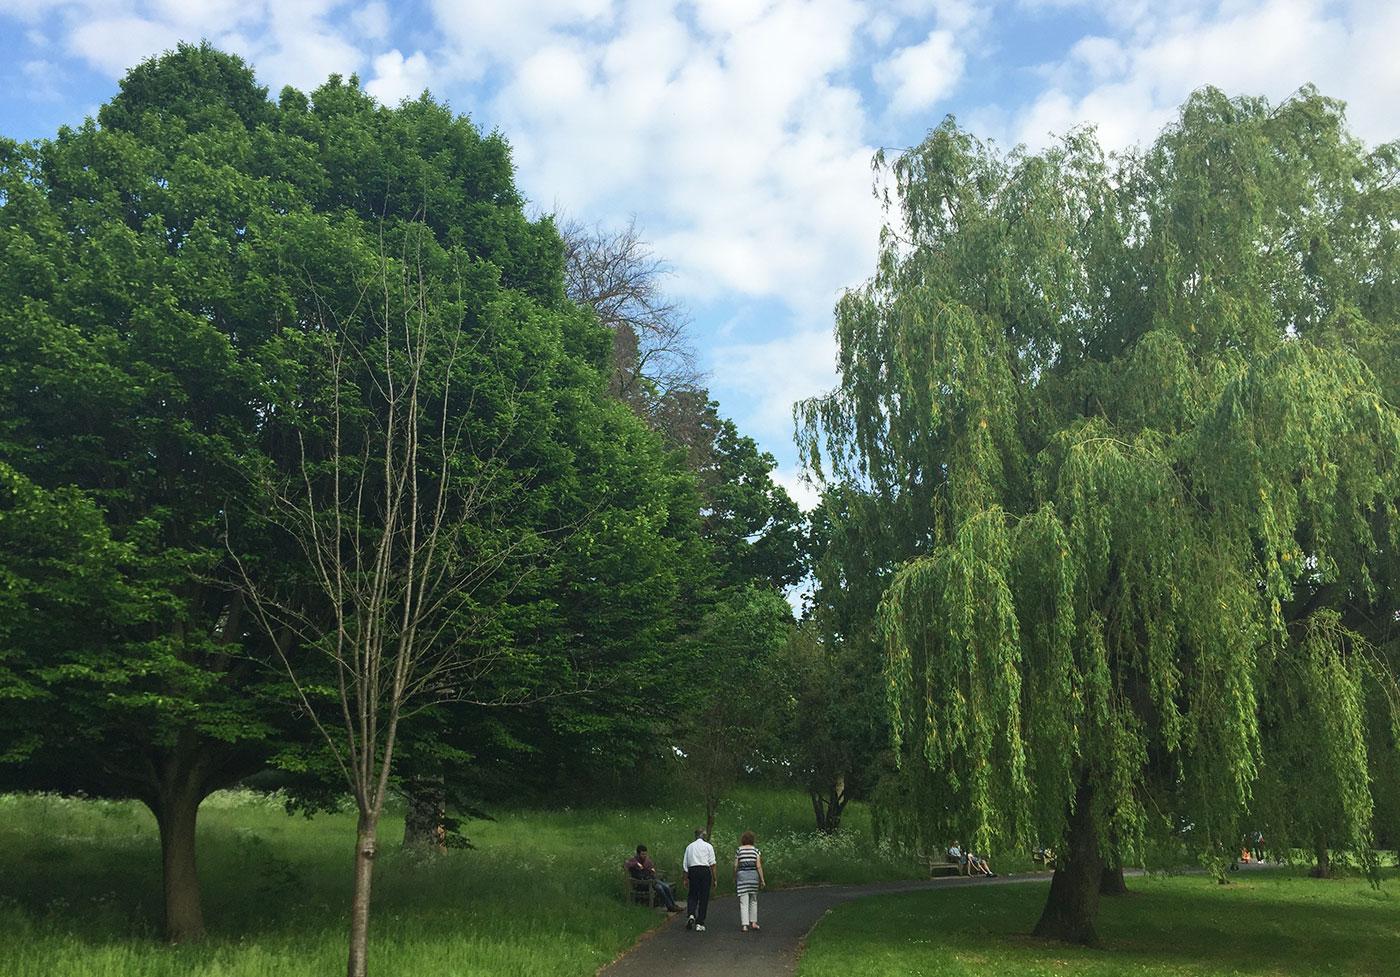 Park Hill, Croydon